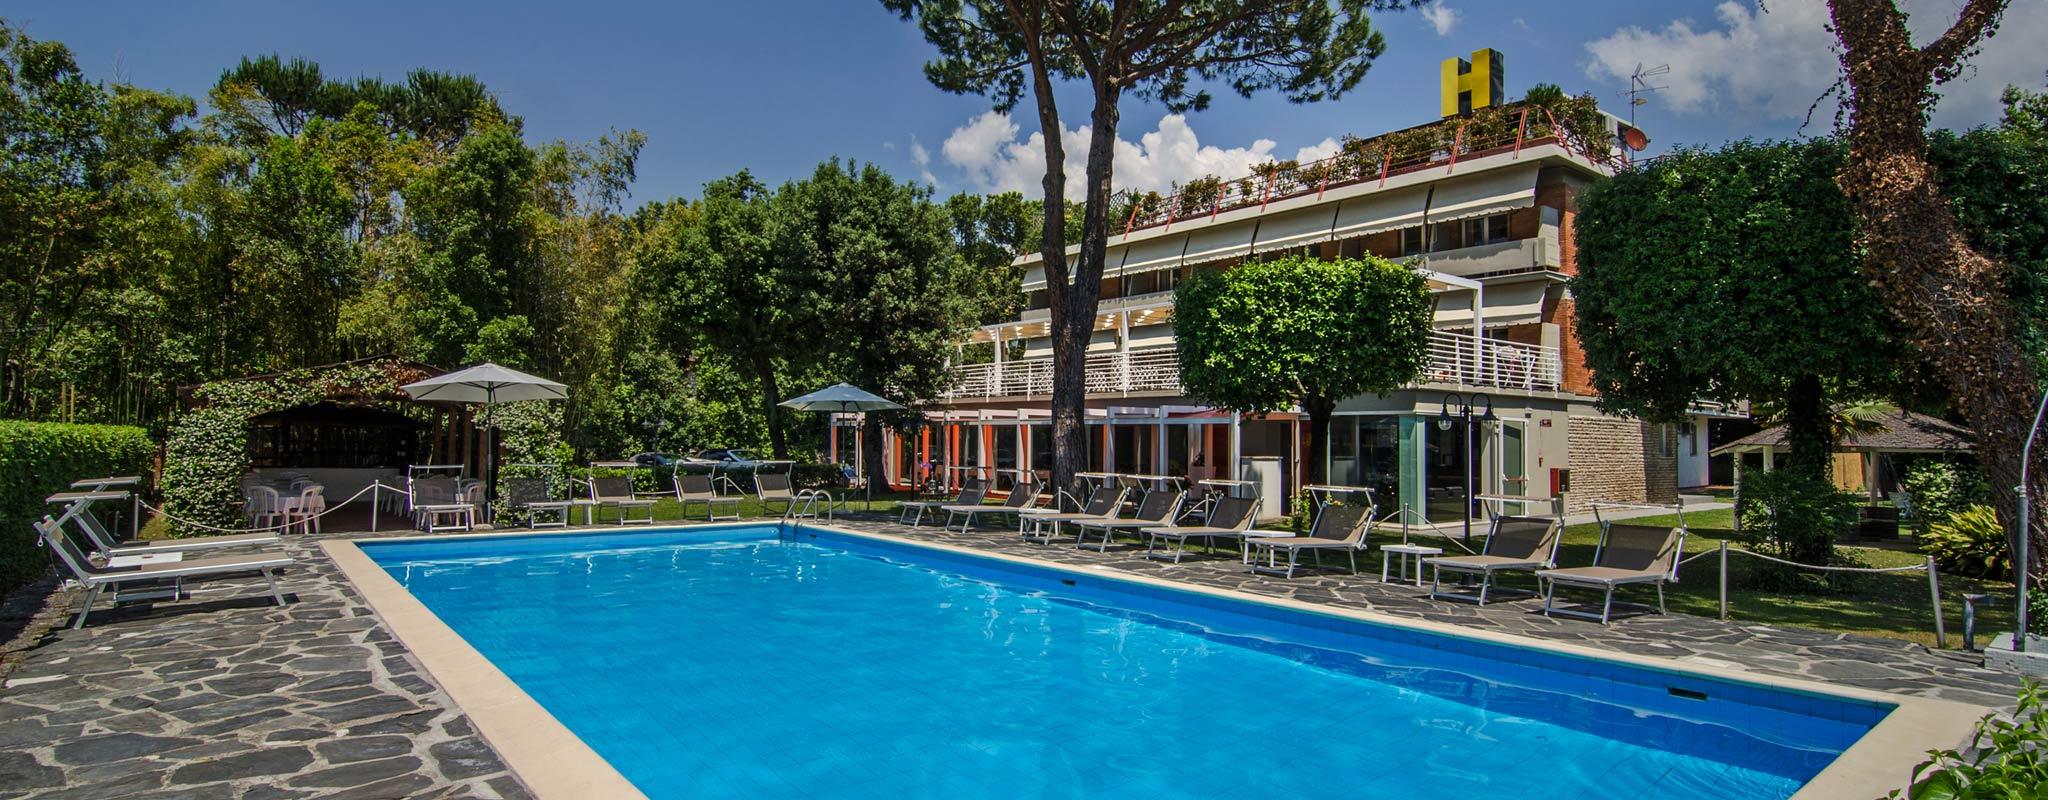 Hotel Hermitage A Marina Di Massa Albergo Con Piscina A